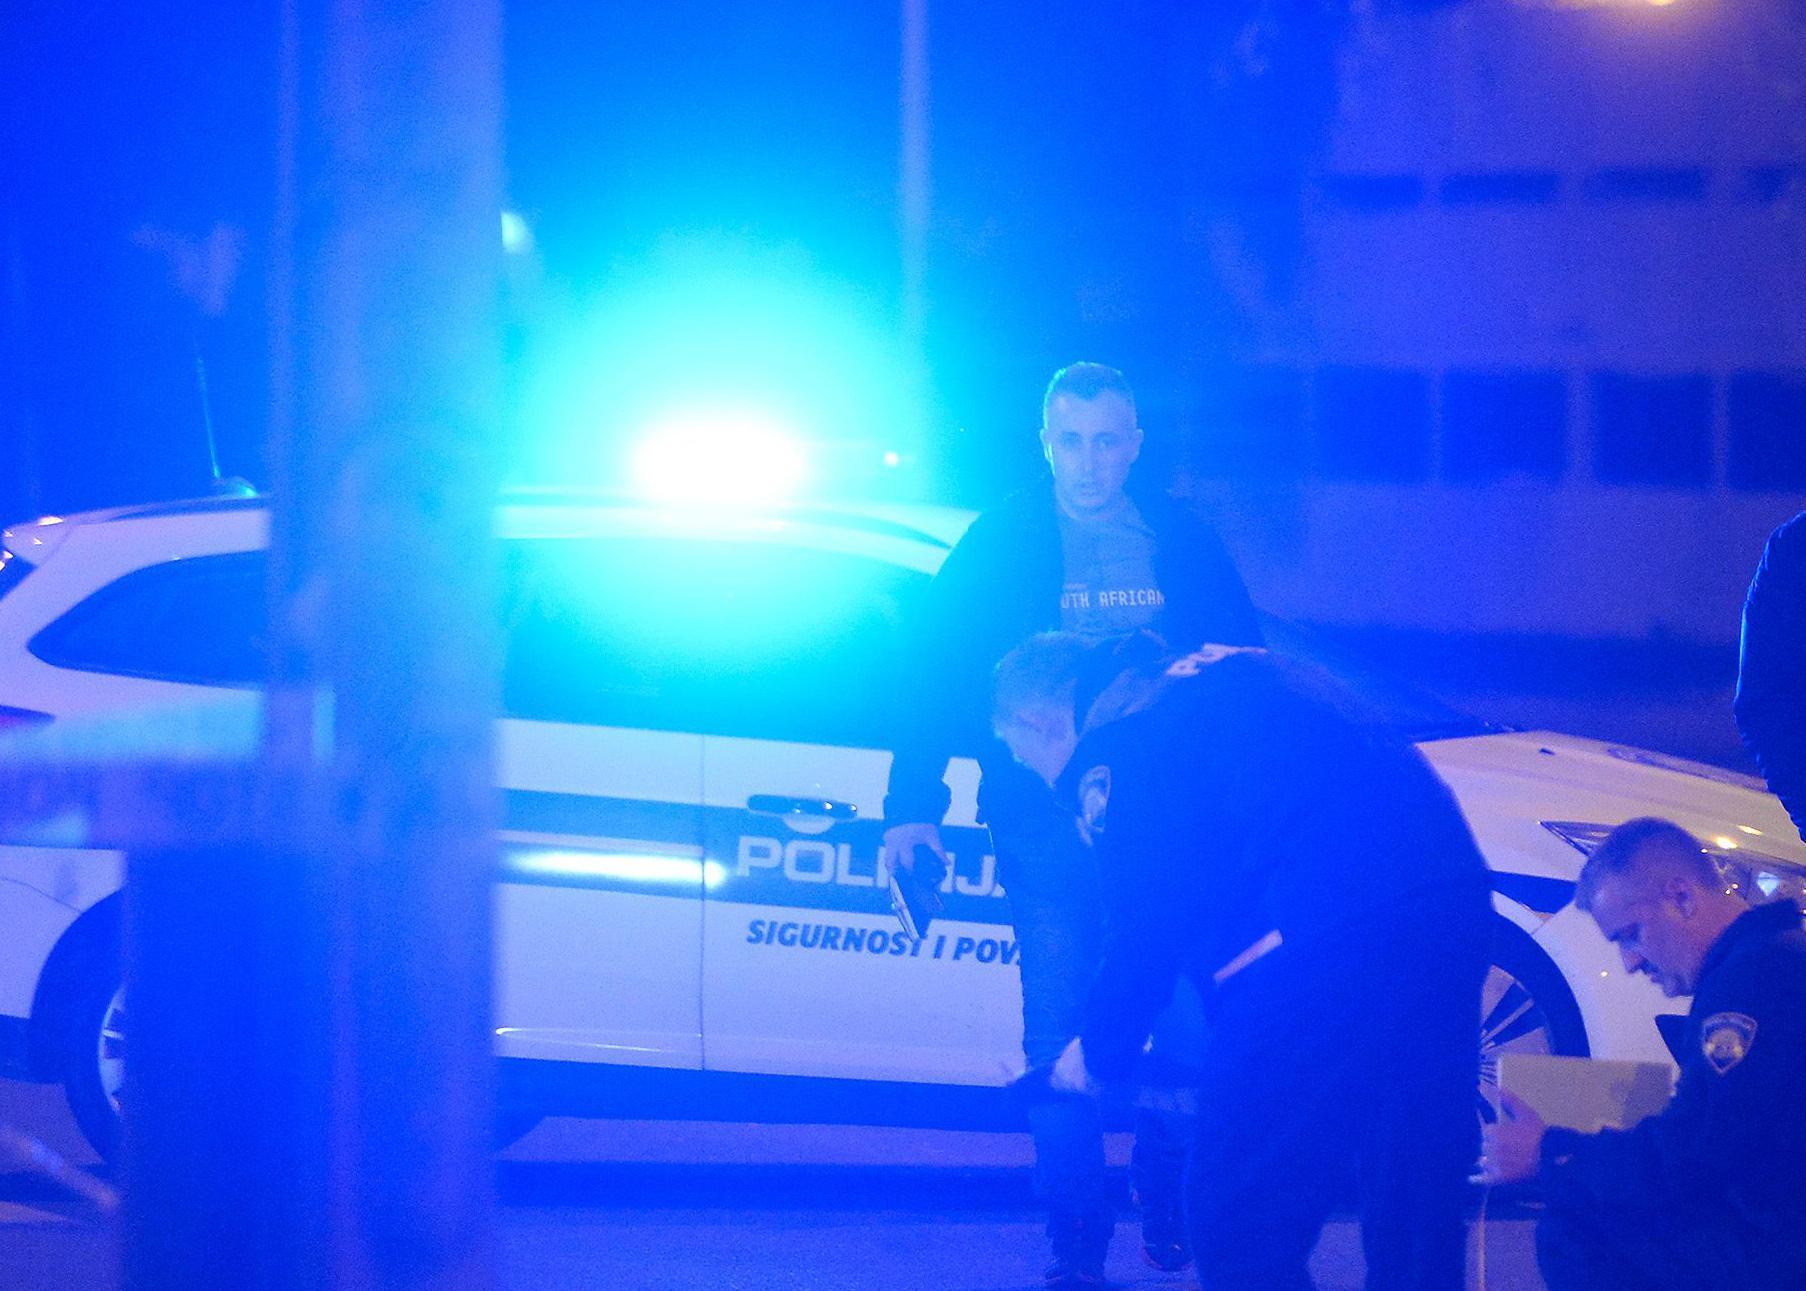 U Gaćelezima pronađen mrtav 57-godišnjak, policija večeras u Šibeniku uhitila 35-godišnjaka